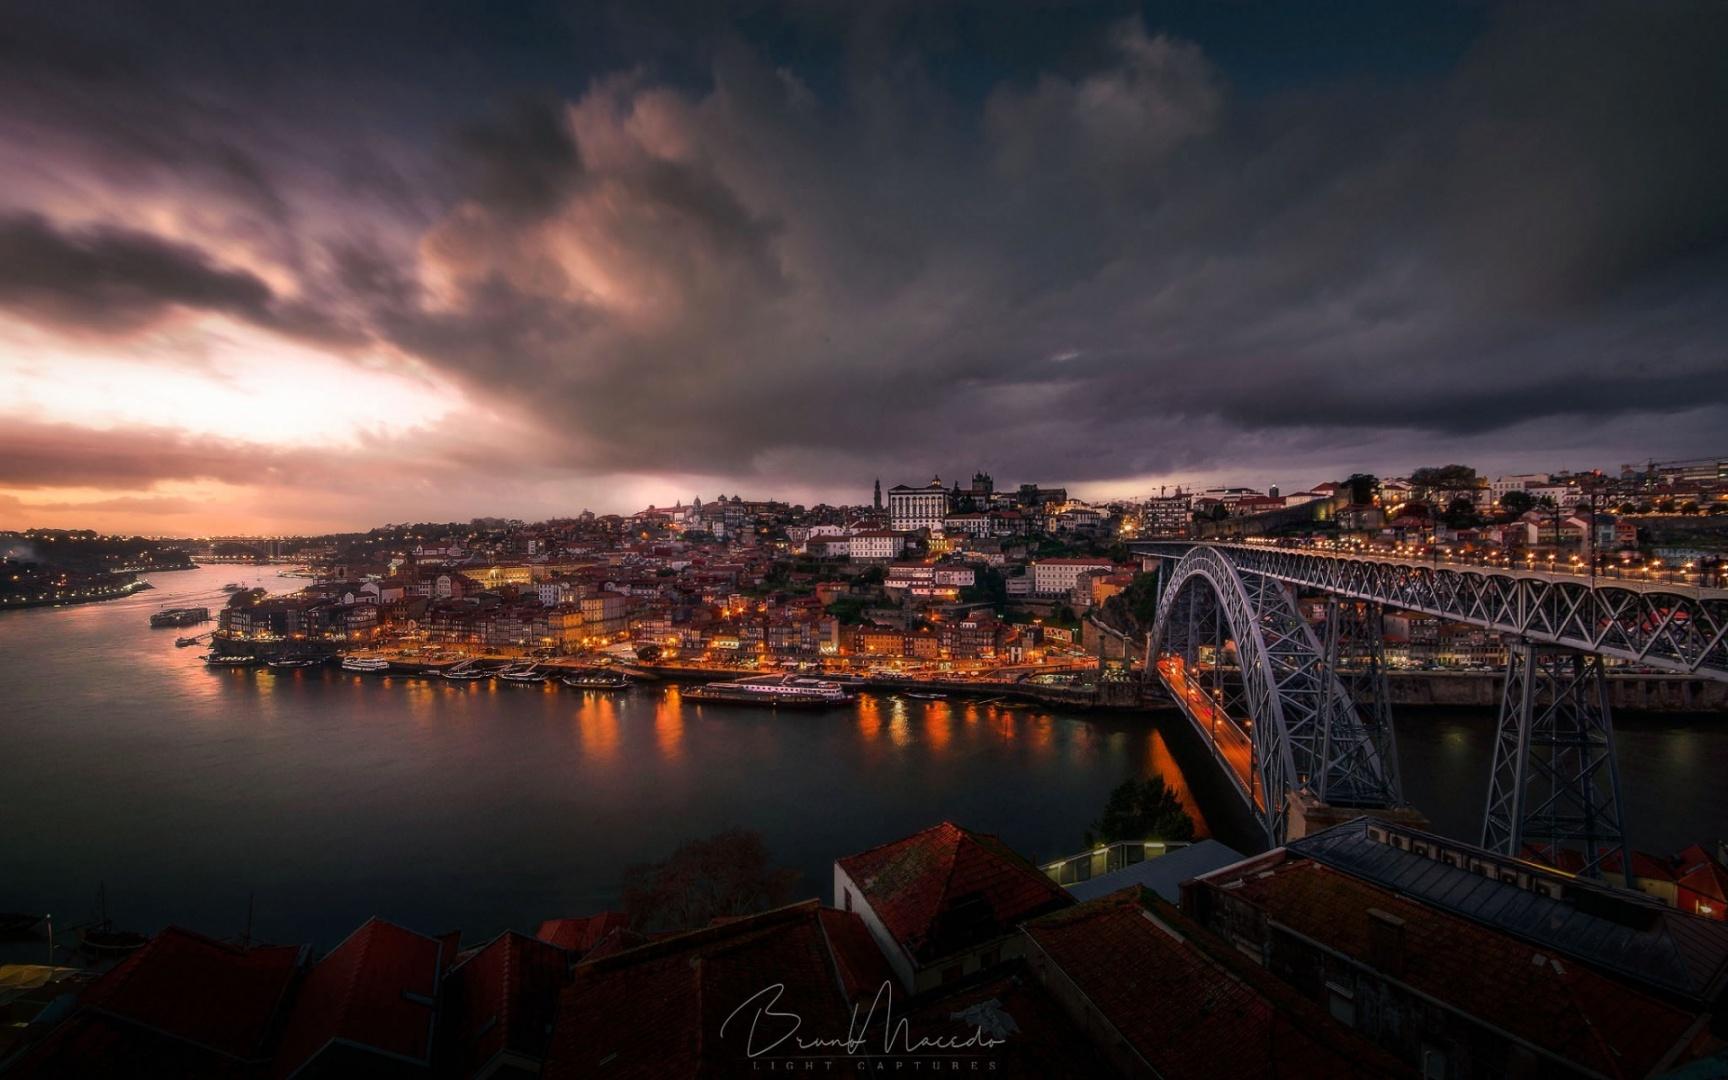 Paisagem Urbana/Classing Porto Landscape